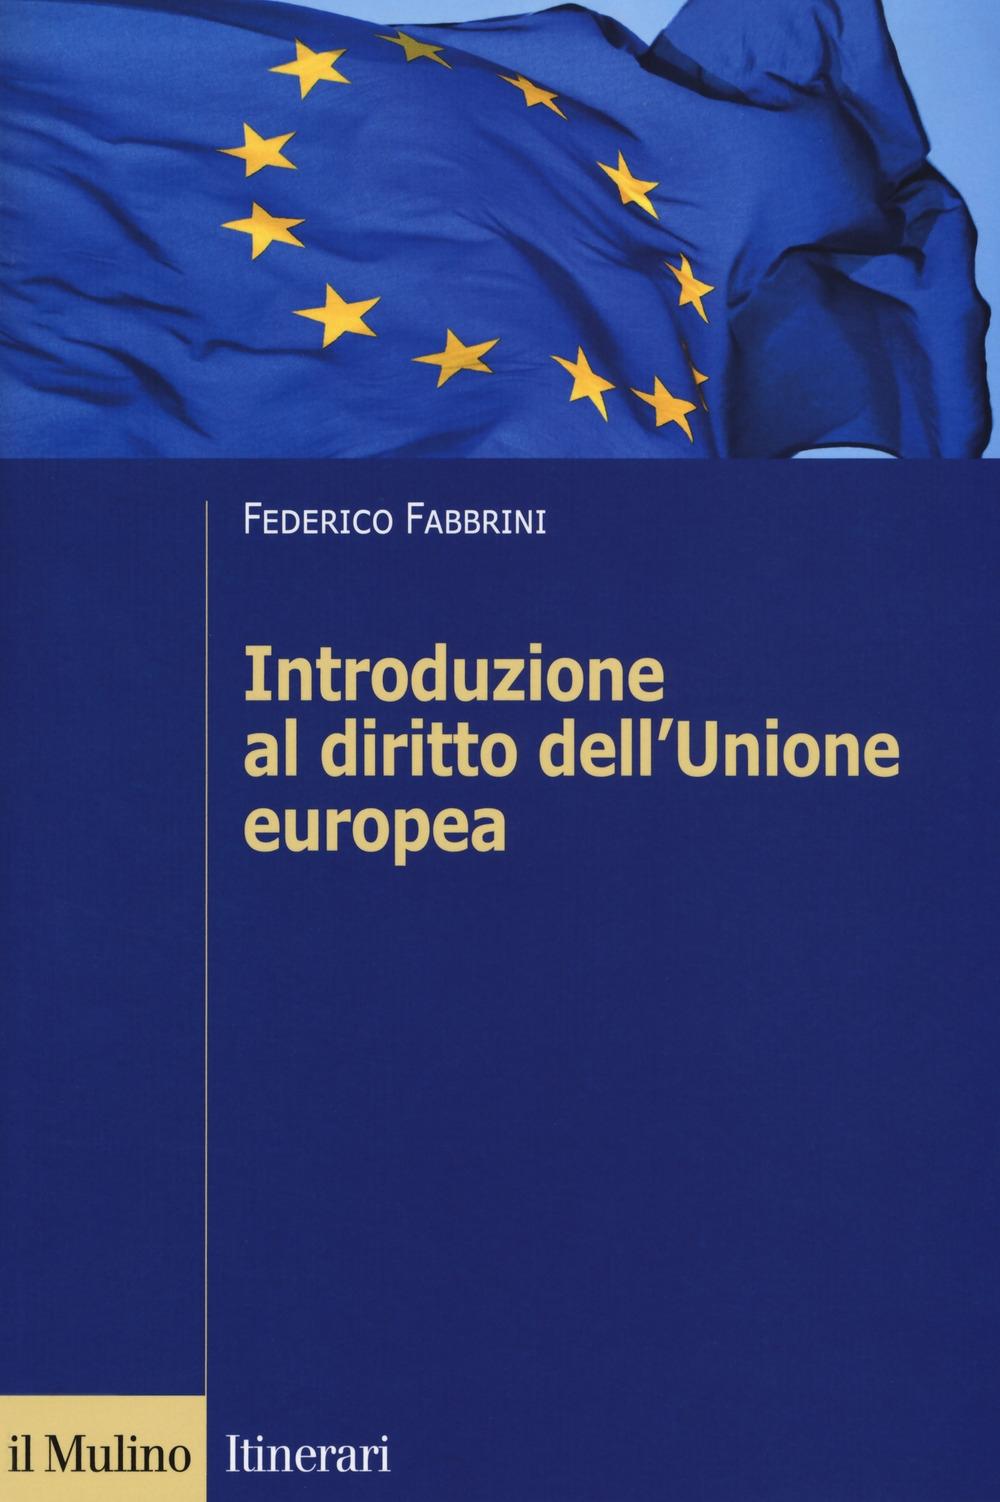 Introduzione al diritto dell'Unione europea